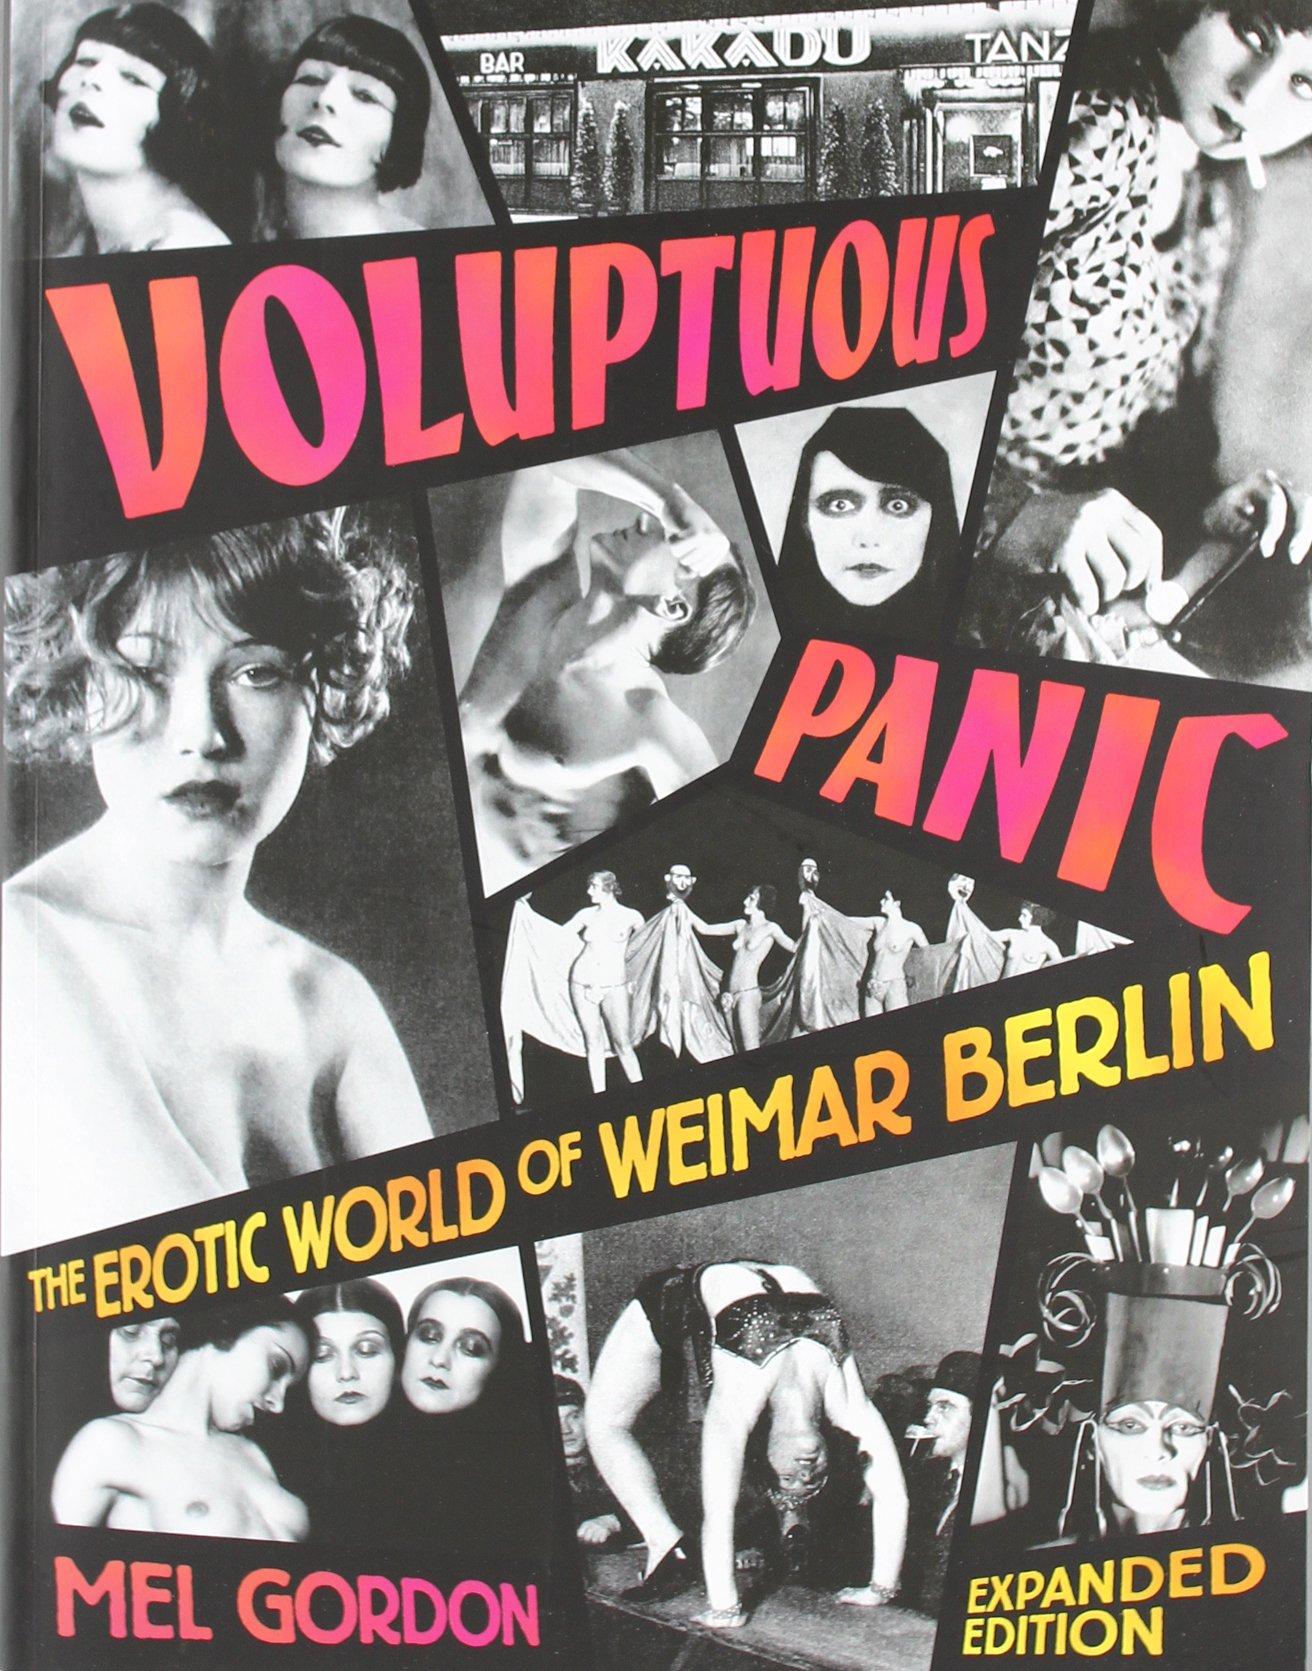 Voluptuous Panic: The Erotic World of Weimar Berlin – Mel Gordon